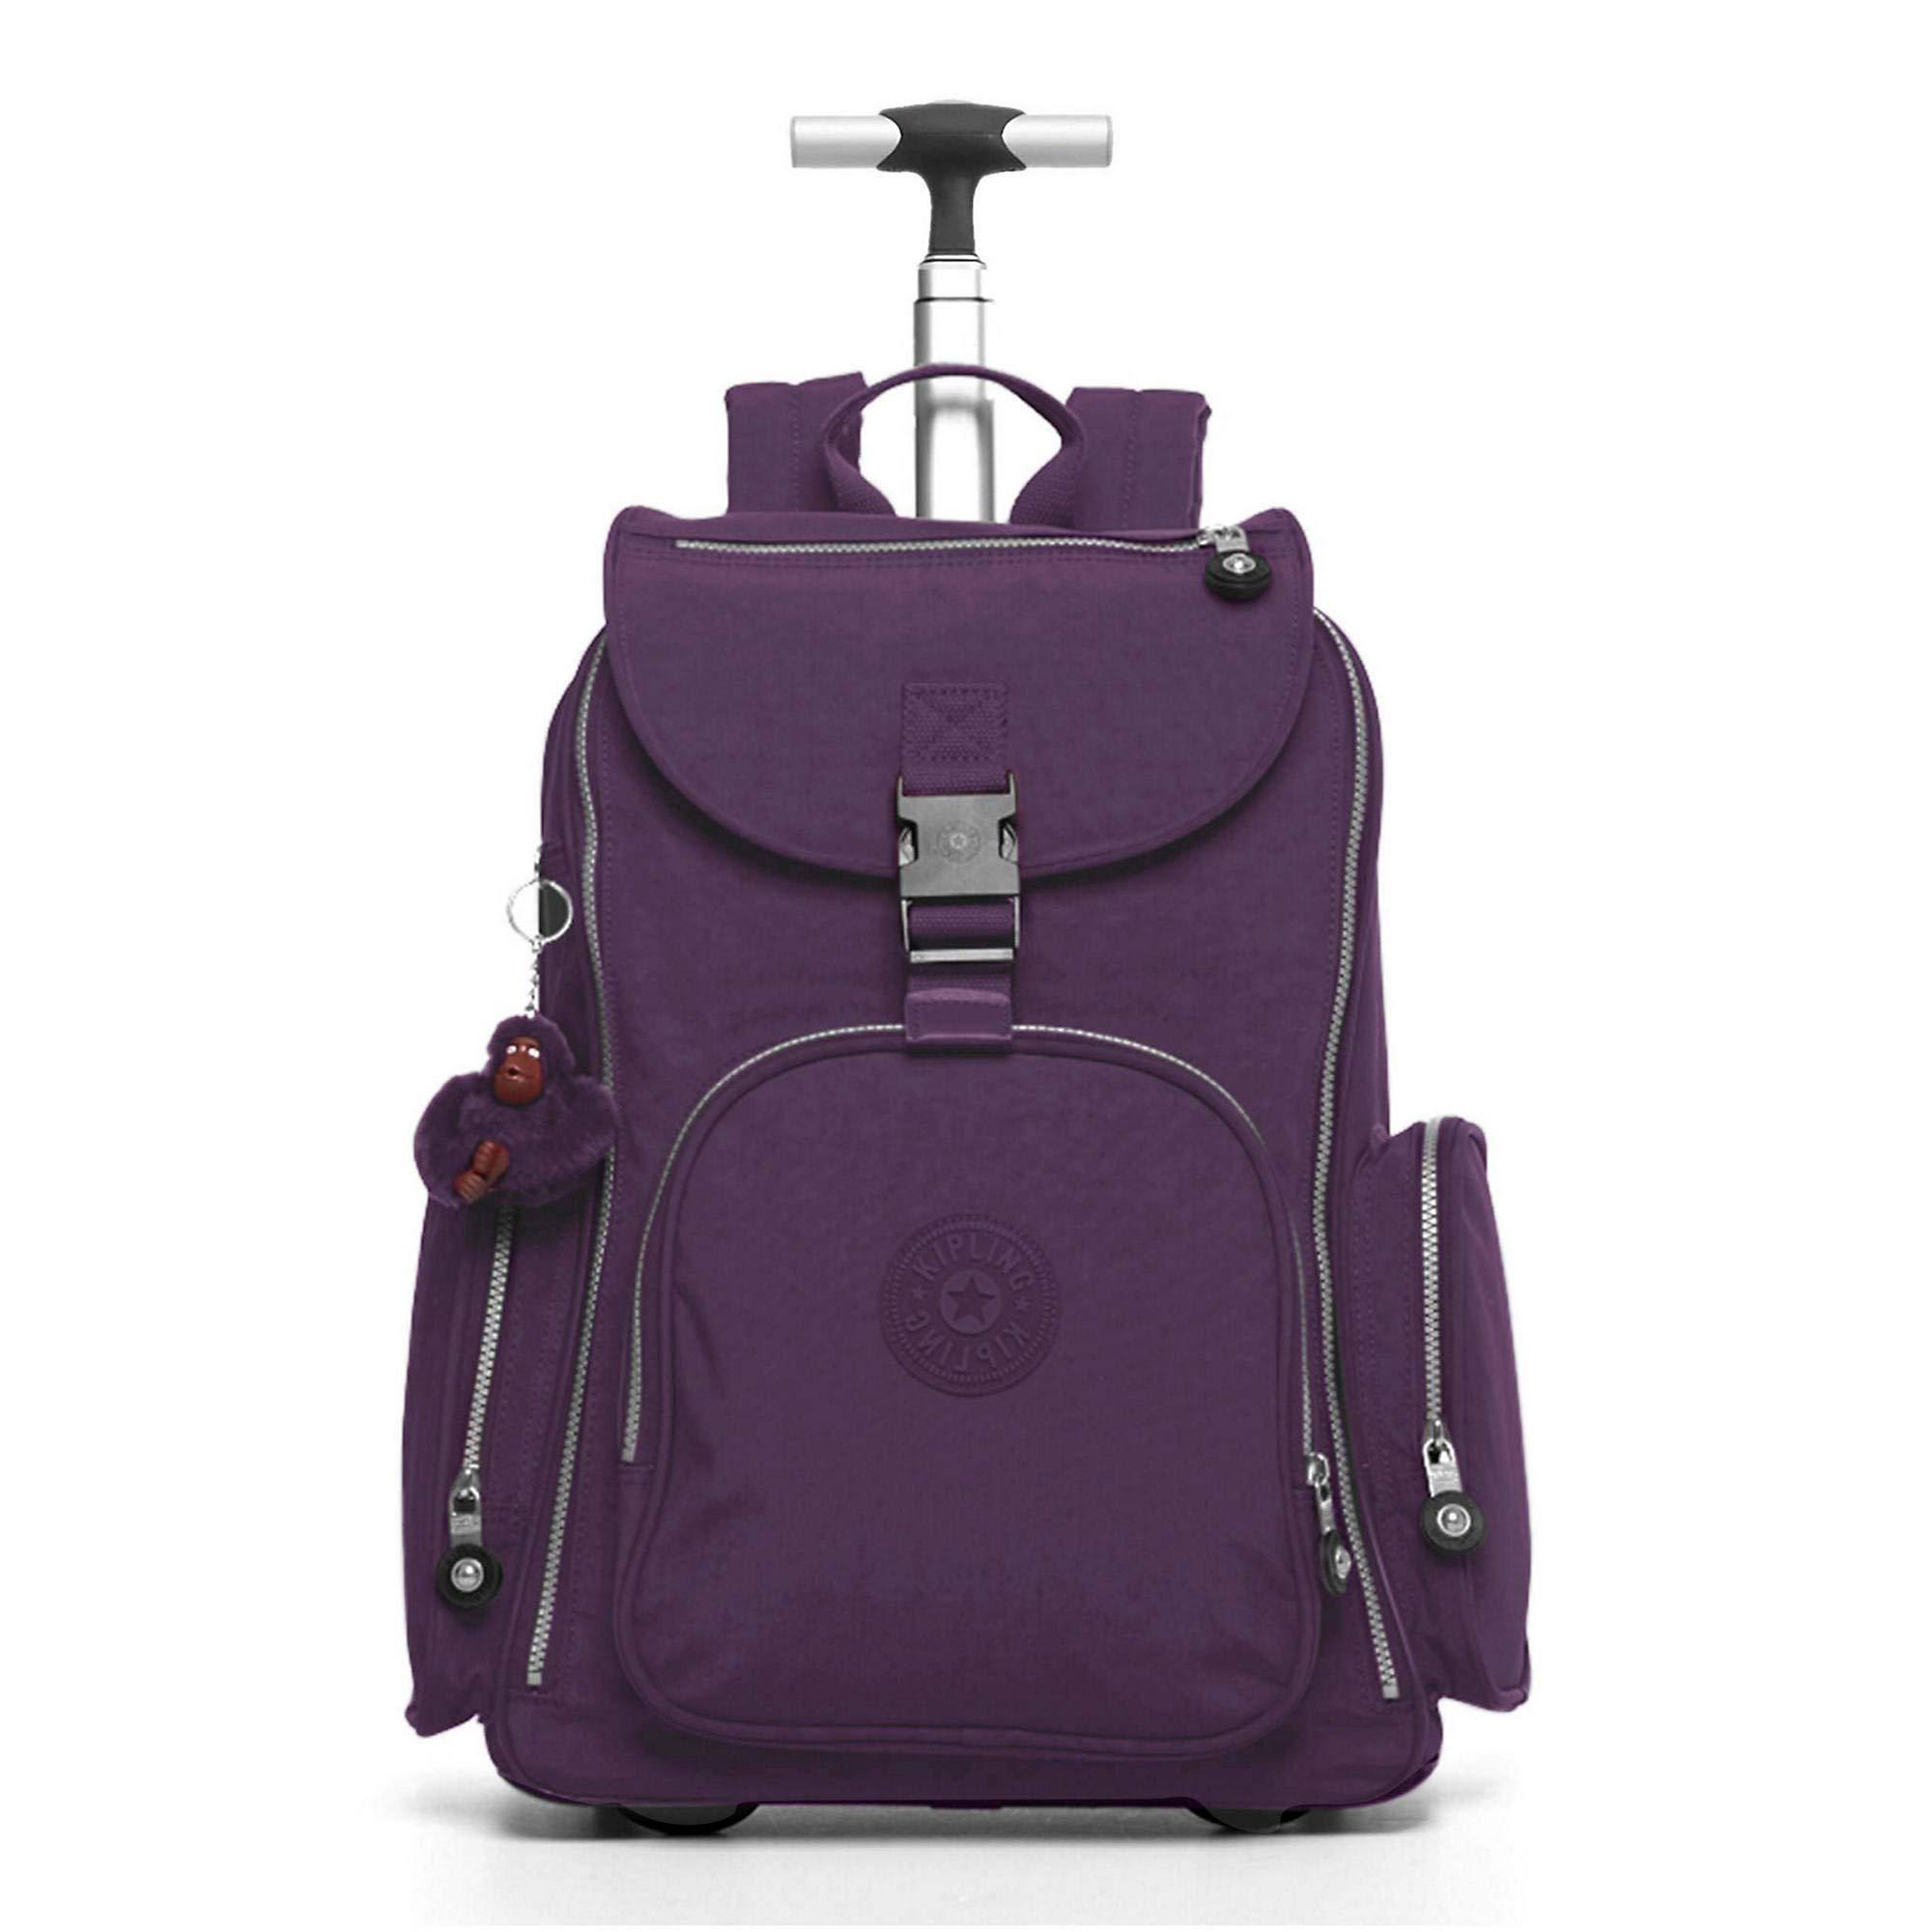 Kipling Alcatraz Ii Large Rolling Laptop Backpack One Size Deep Purple